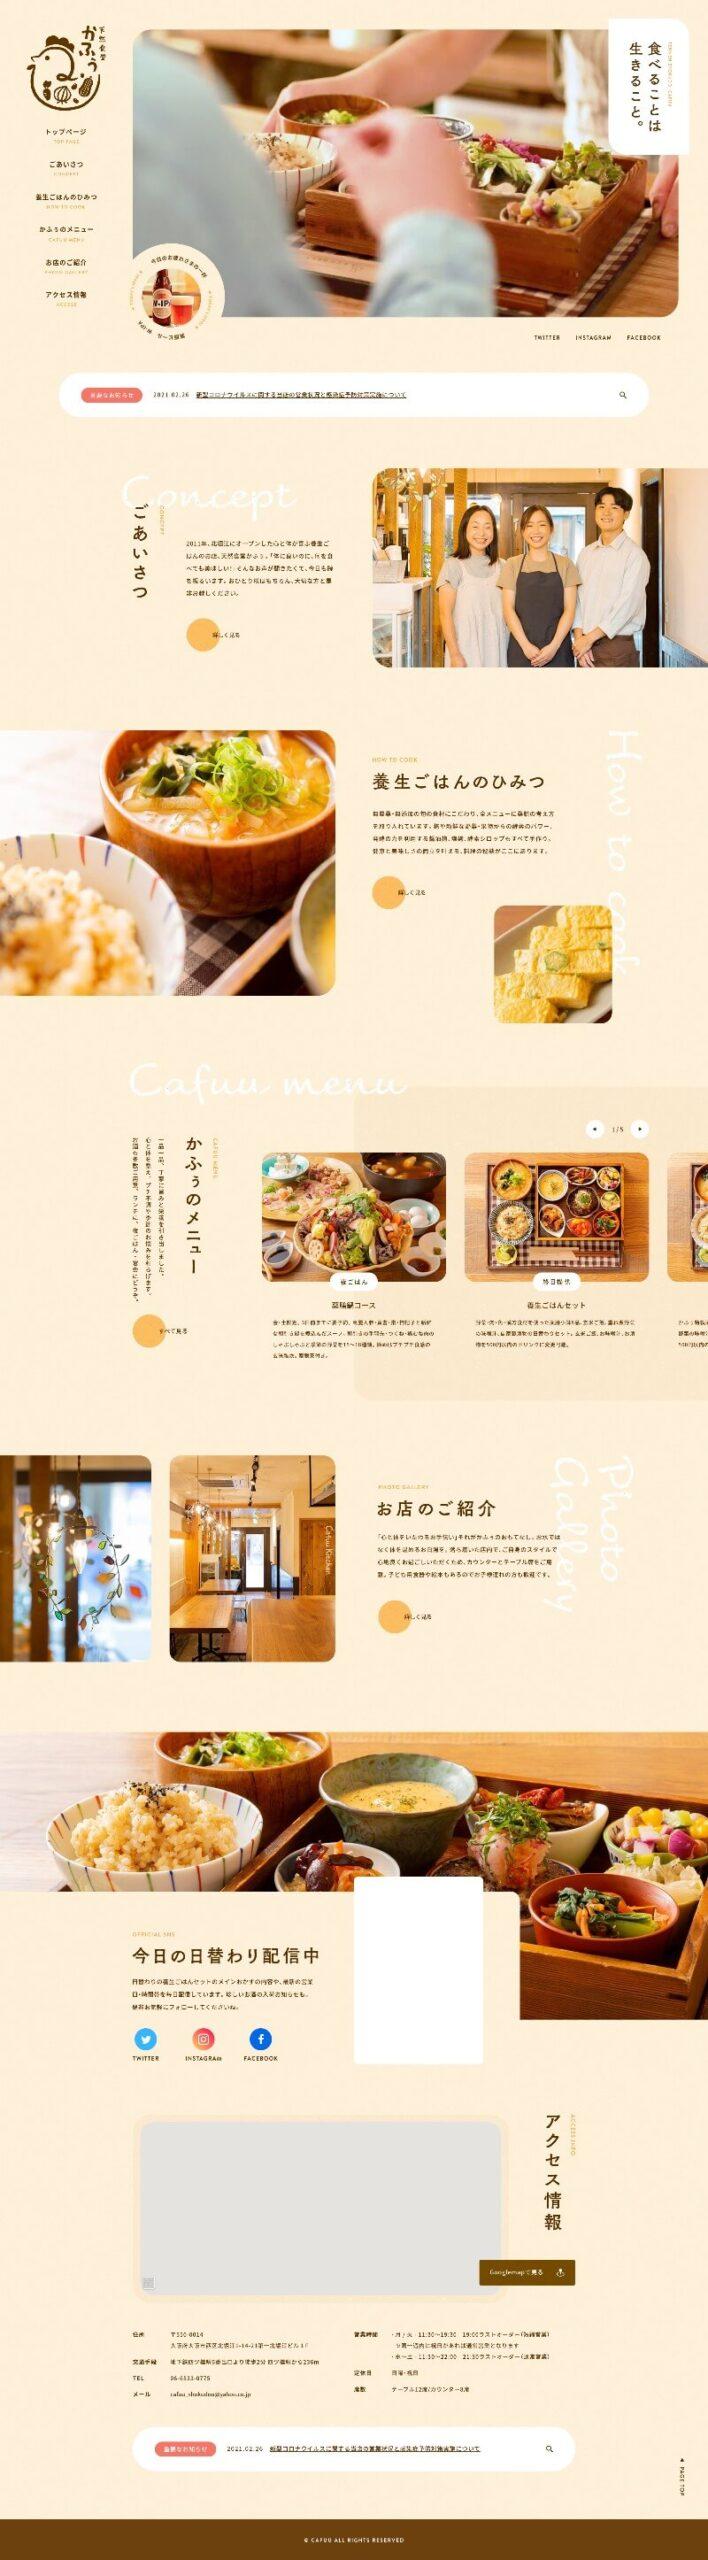 大阪北堀江の薬膳・養生ごはん 天然食堂かふぅ